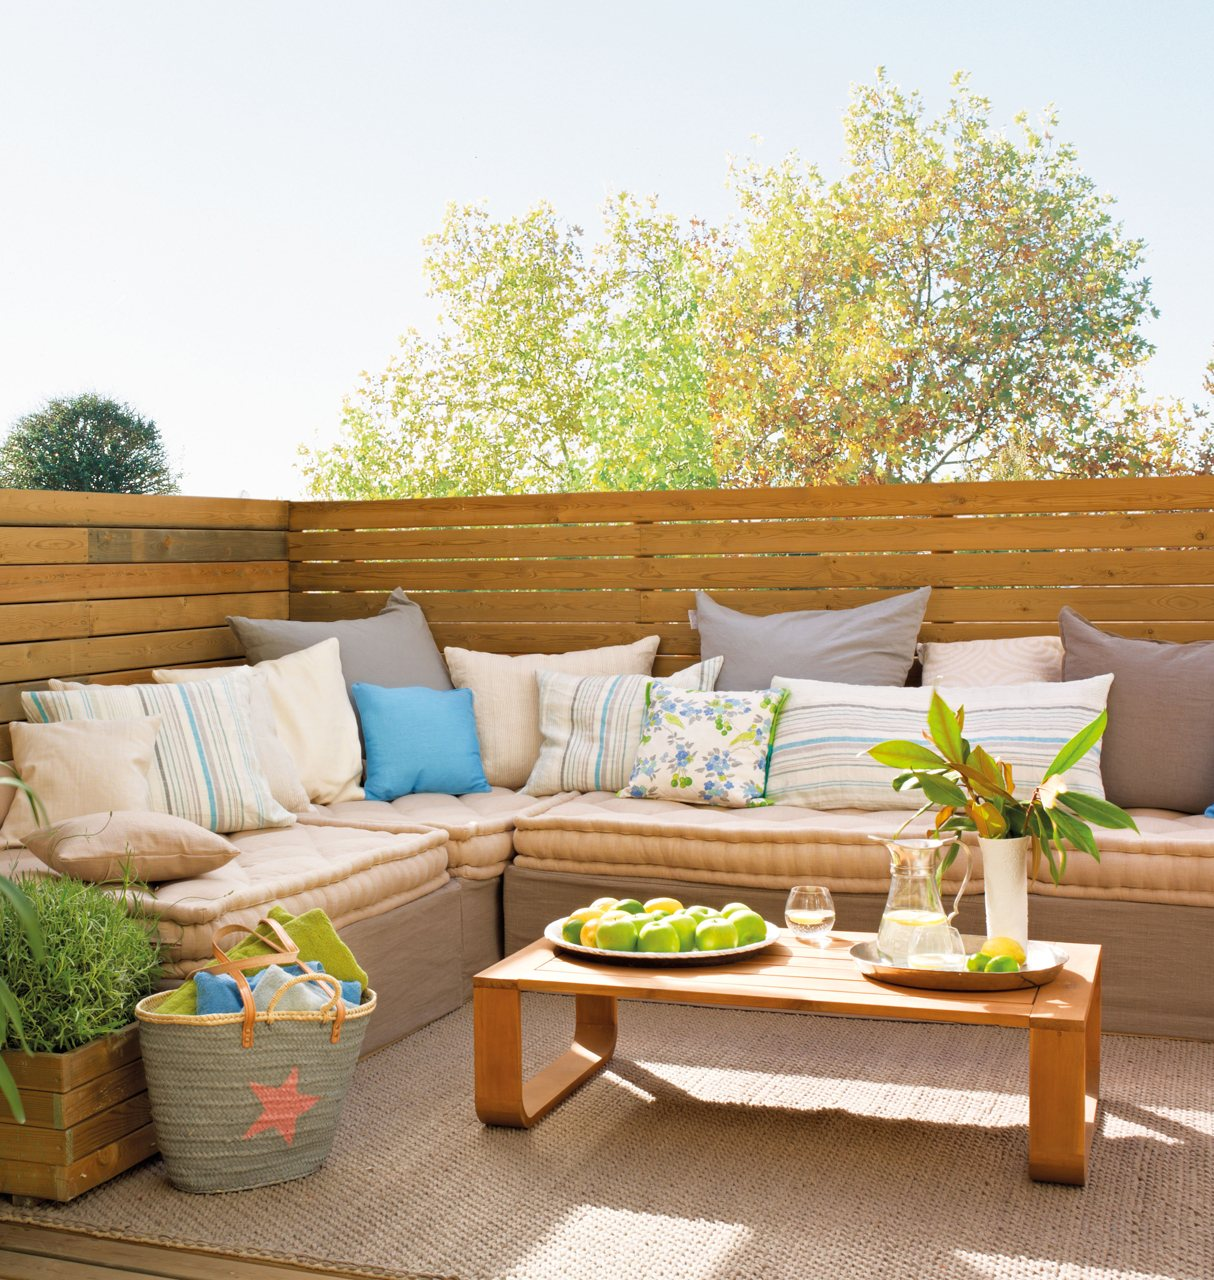 Terrazas peque as exteriores bien aprovechadas - Piscina en terraza peso maximo ...